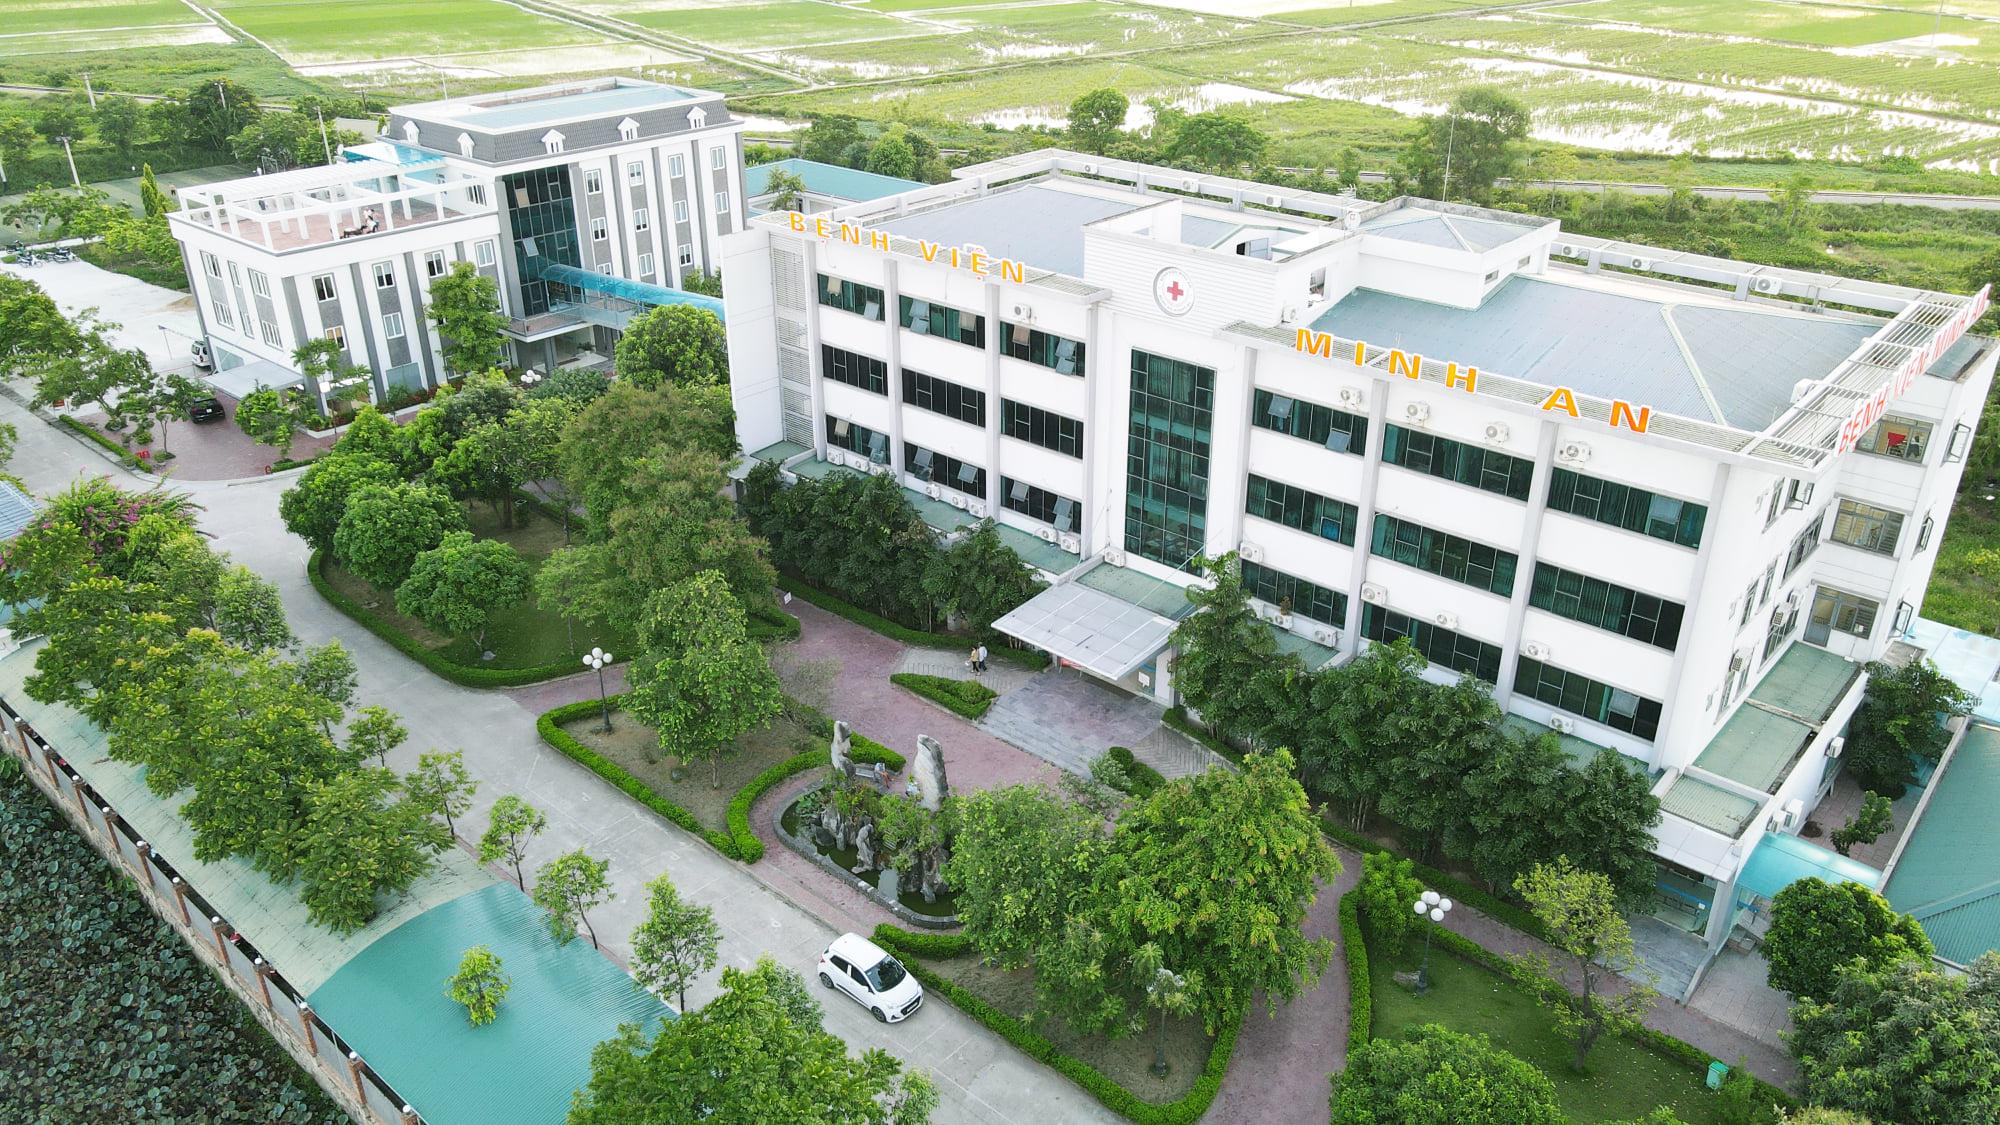 Bệnh viện đa khoa Minh An nằm giáp quốc lộ 1A, thường làm test nhanh COVID-19 cho tài xế đường dài thời gian gần đây